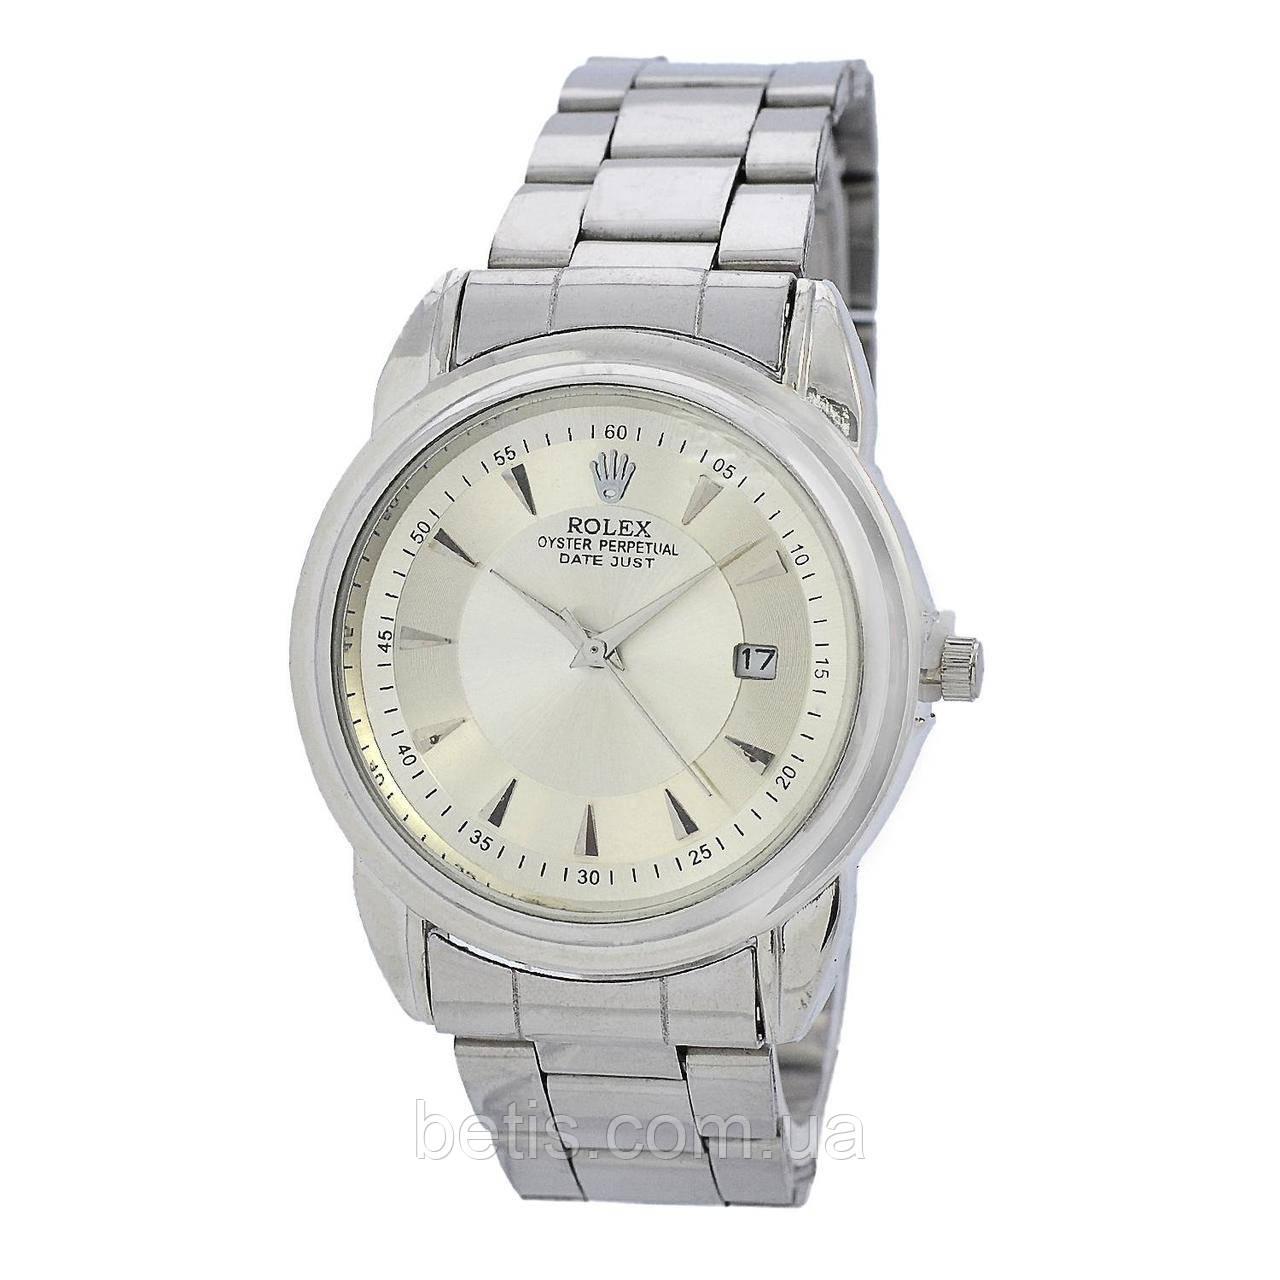 Rolex SSVR-1020-0275